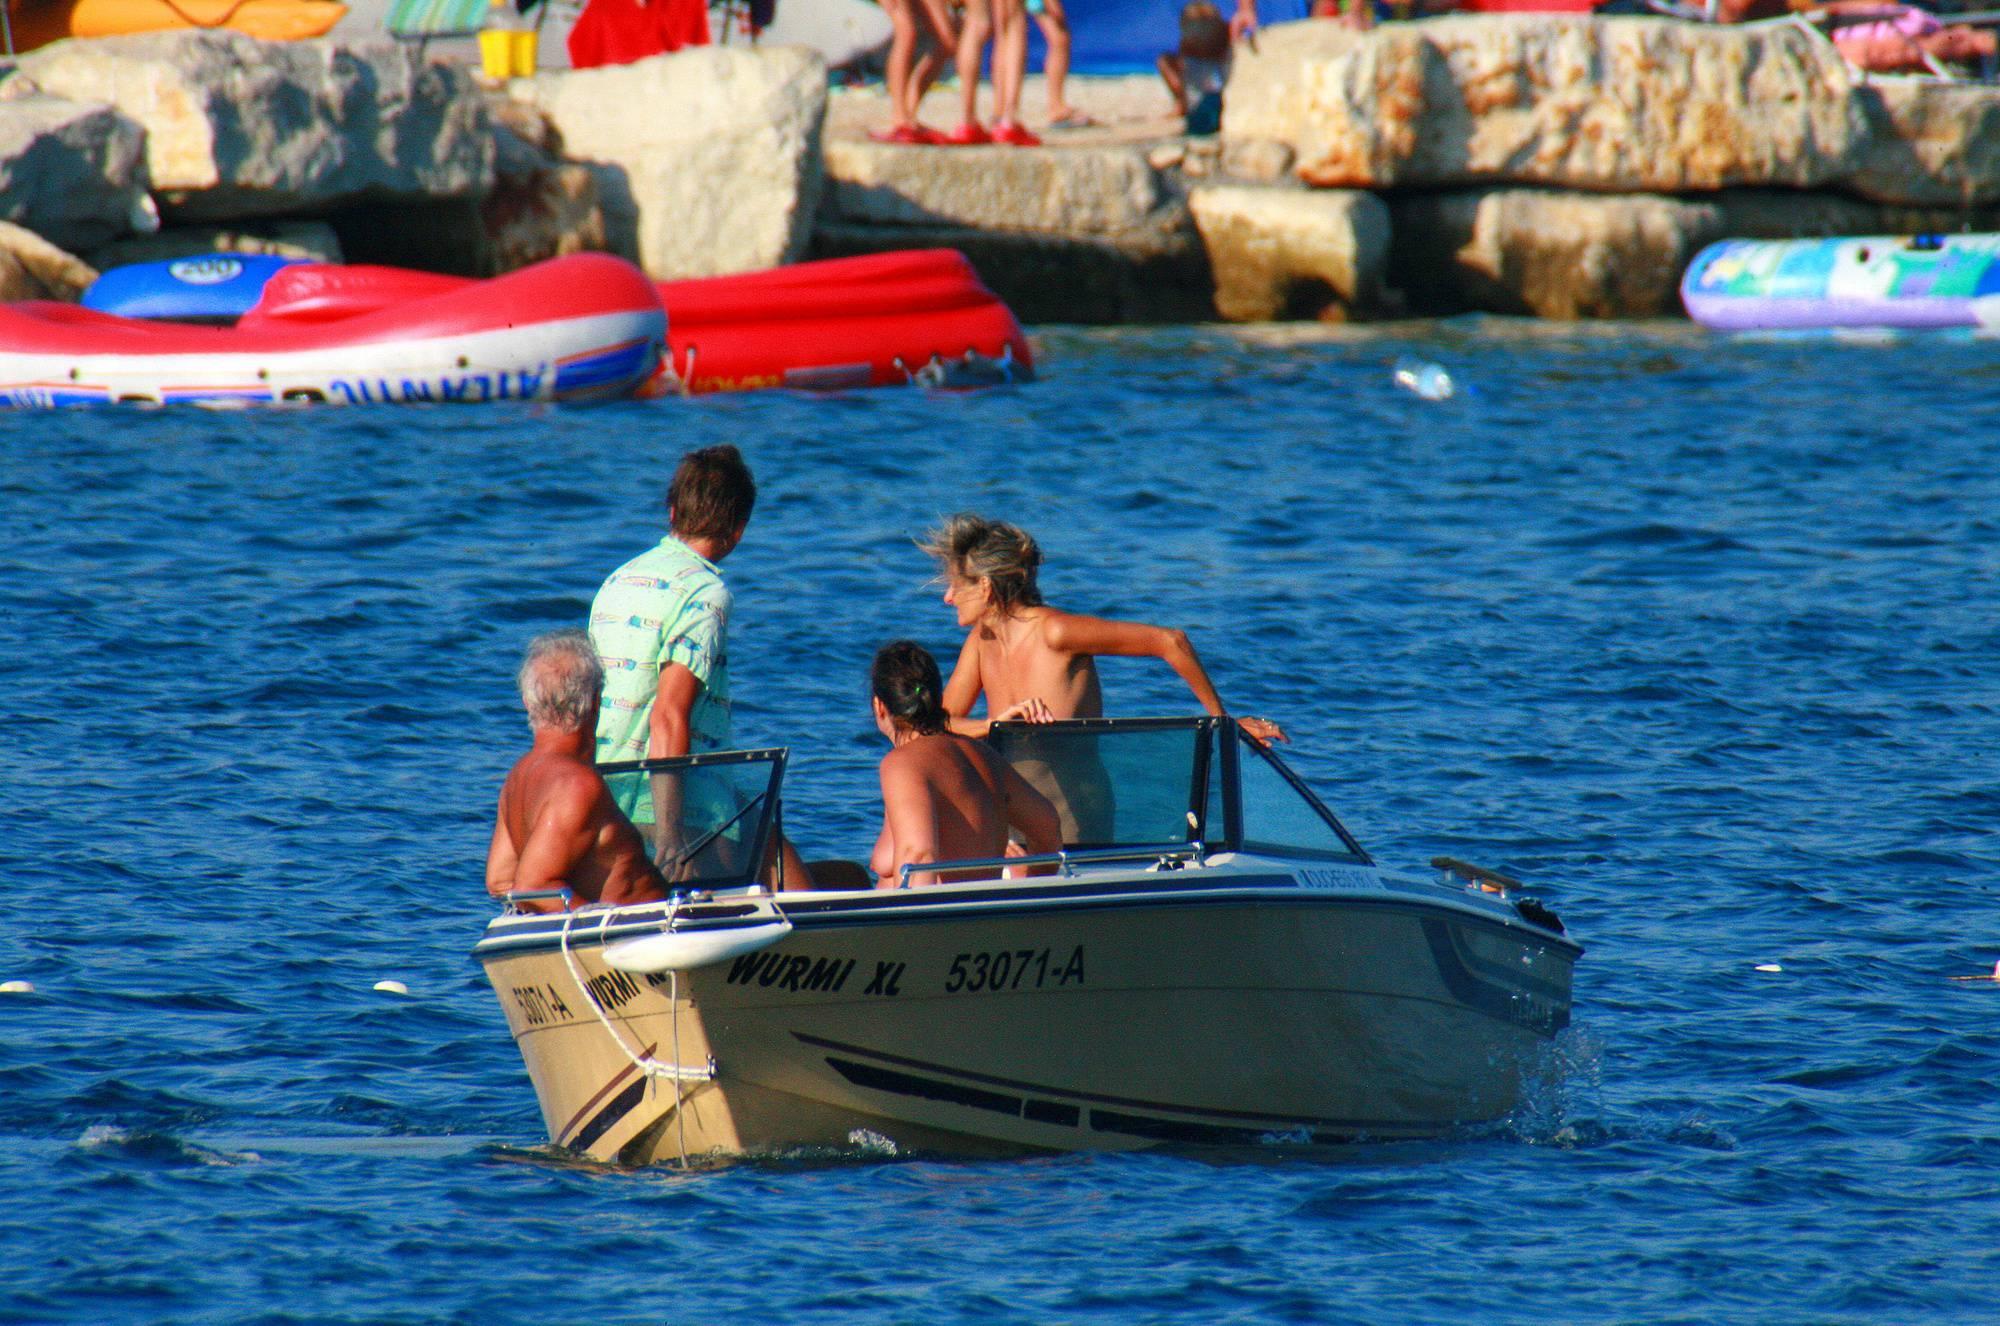 Nudist Pics Uka FKK In-Water Boating - 2